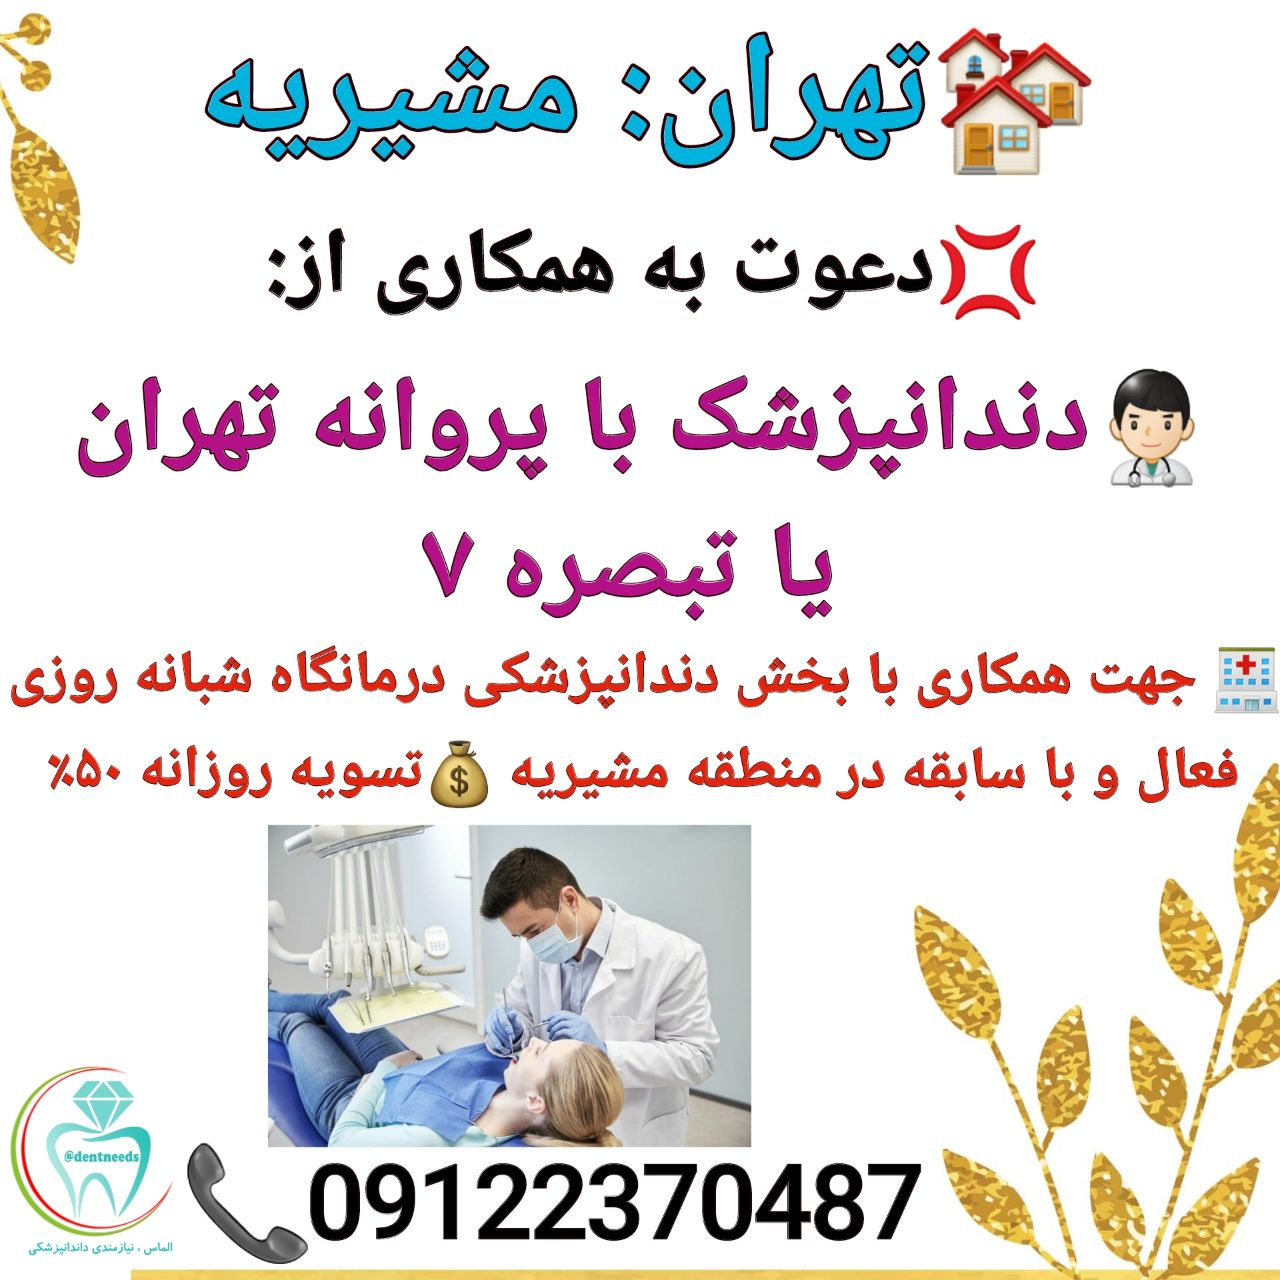 تهران: مشیریه، دعوت به همکاری از دندانپزشک با پروانه تهران یا تبصره ۷